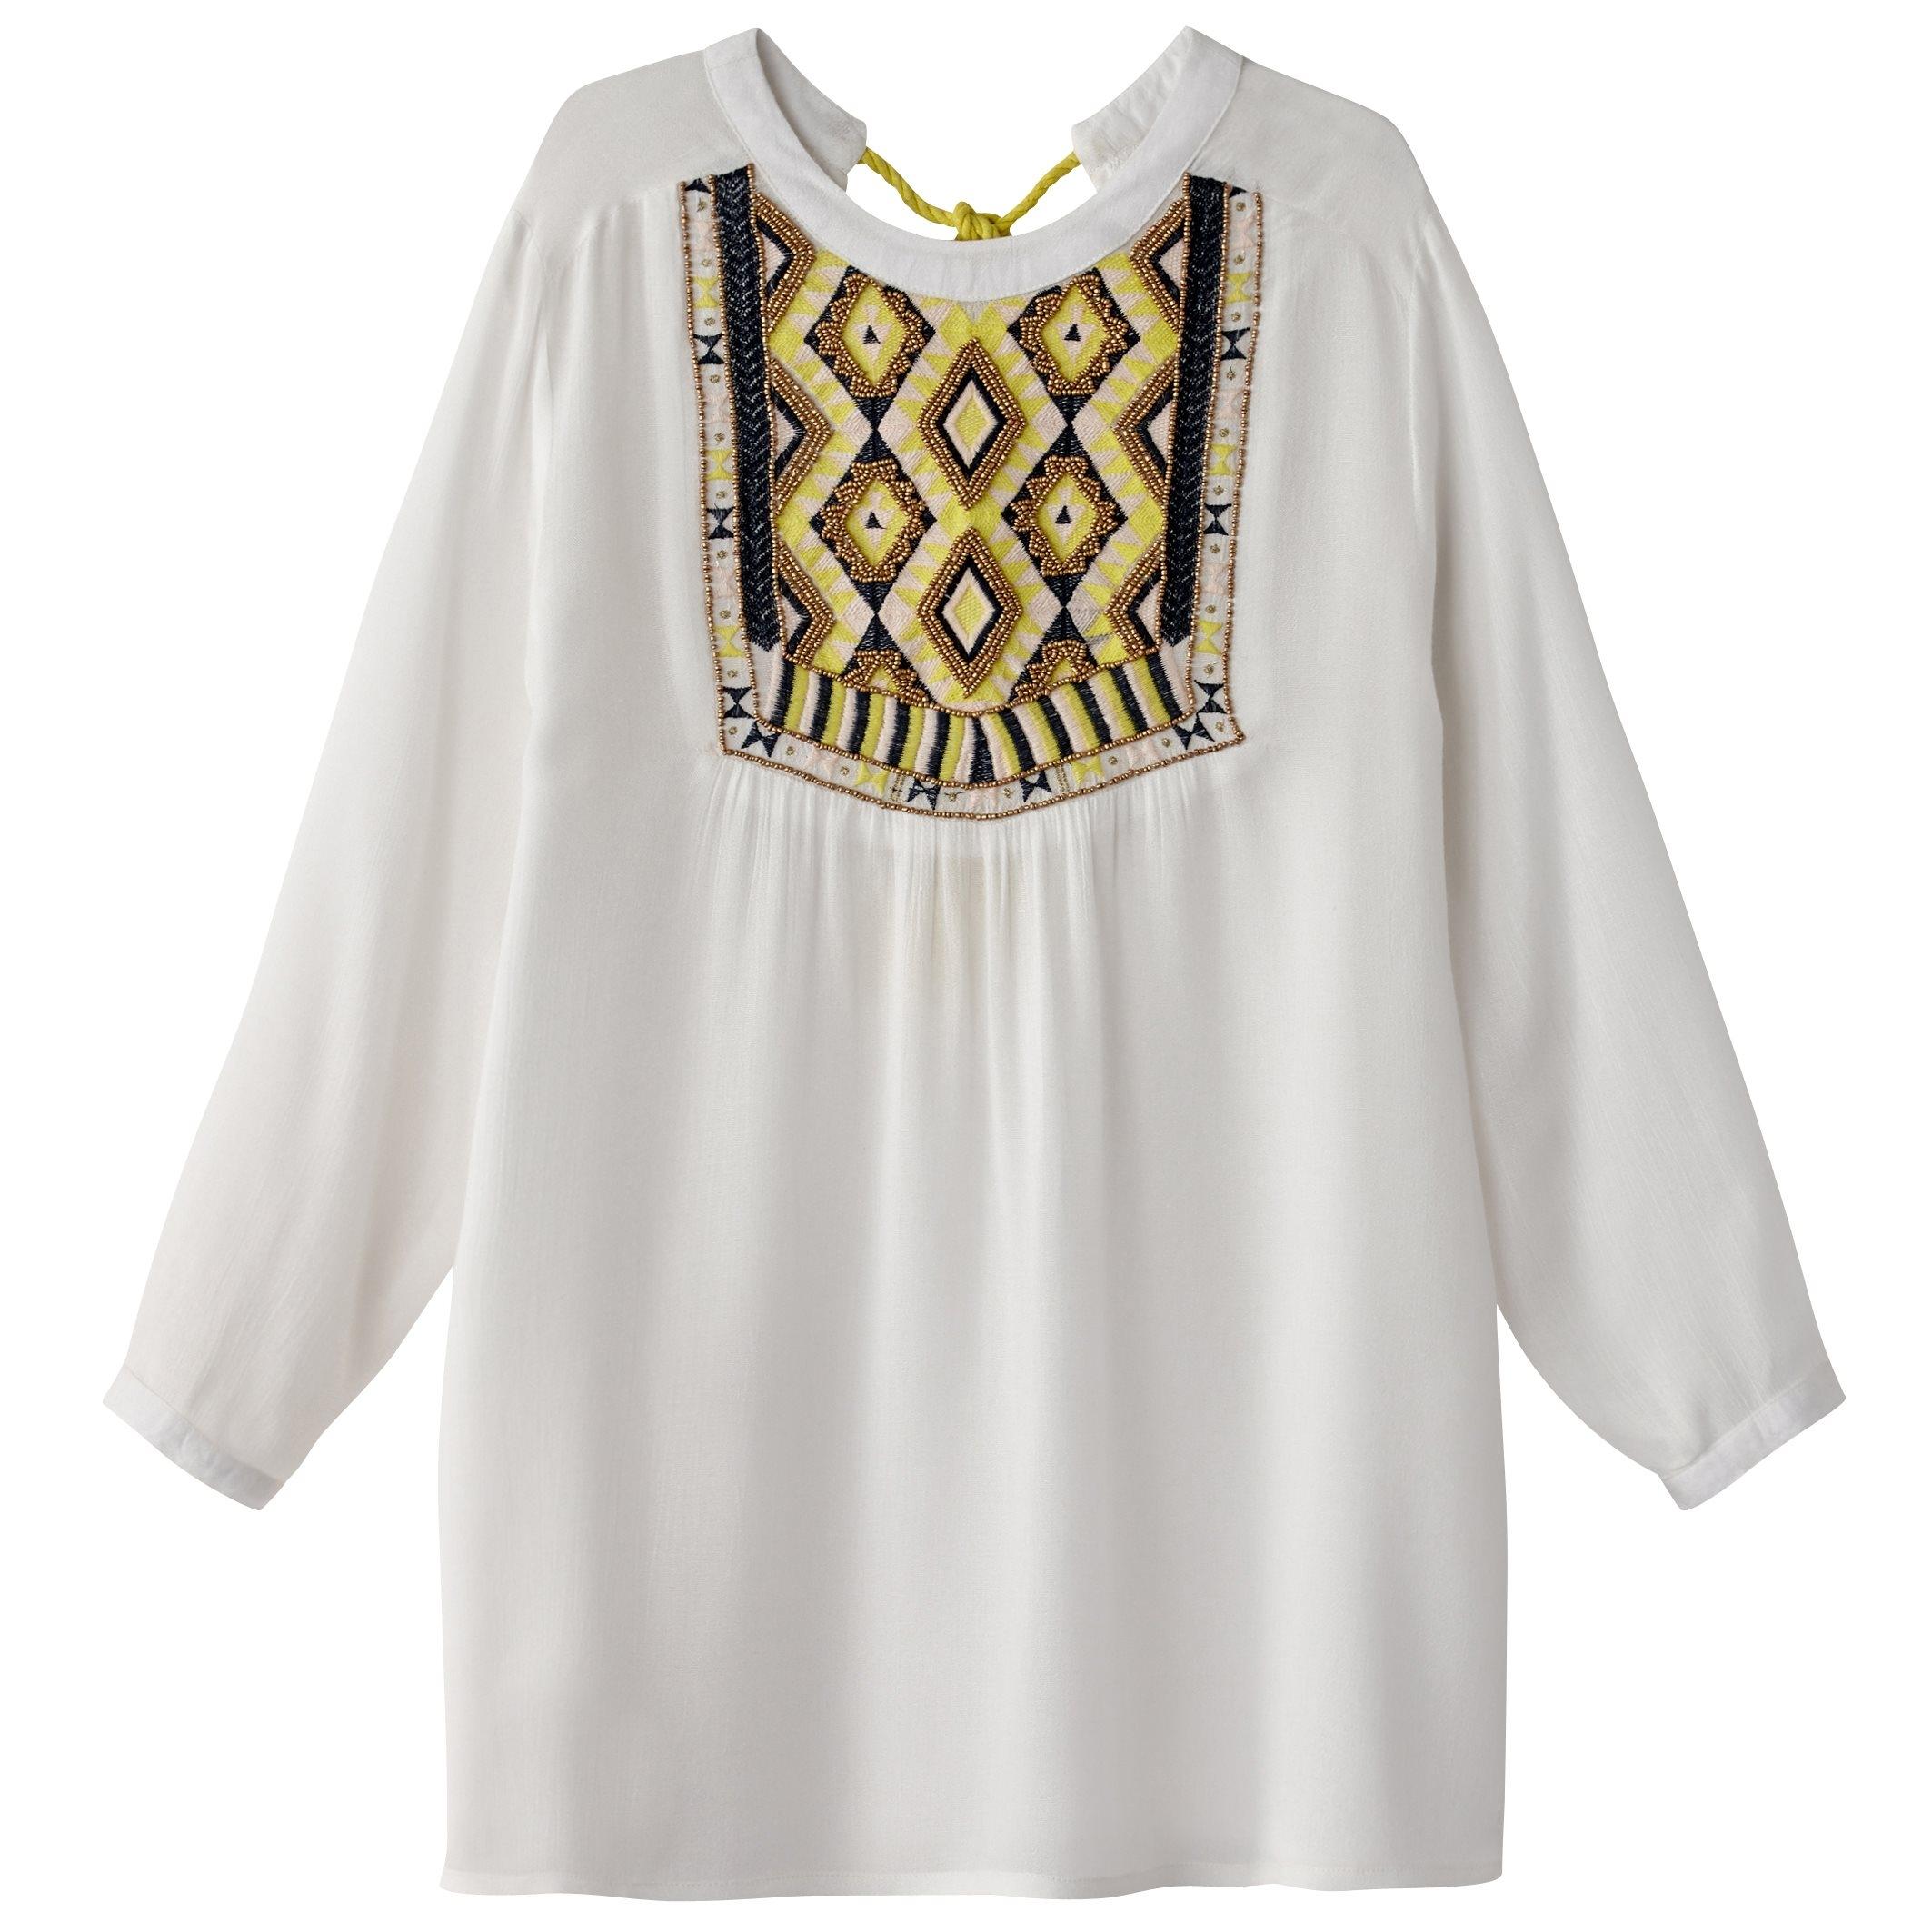 La Redoute boho blouse